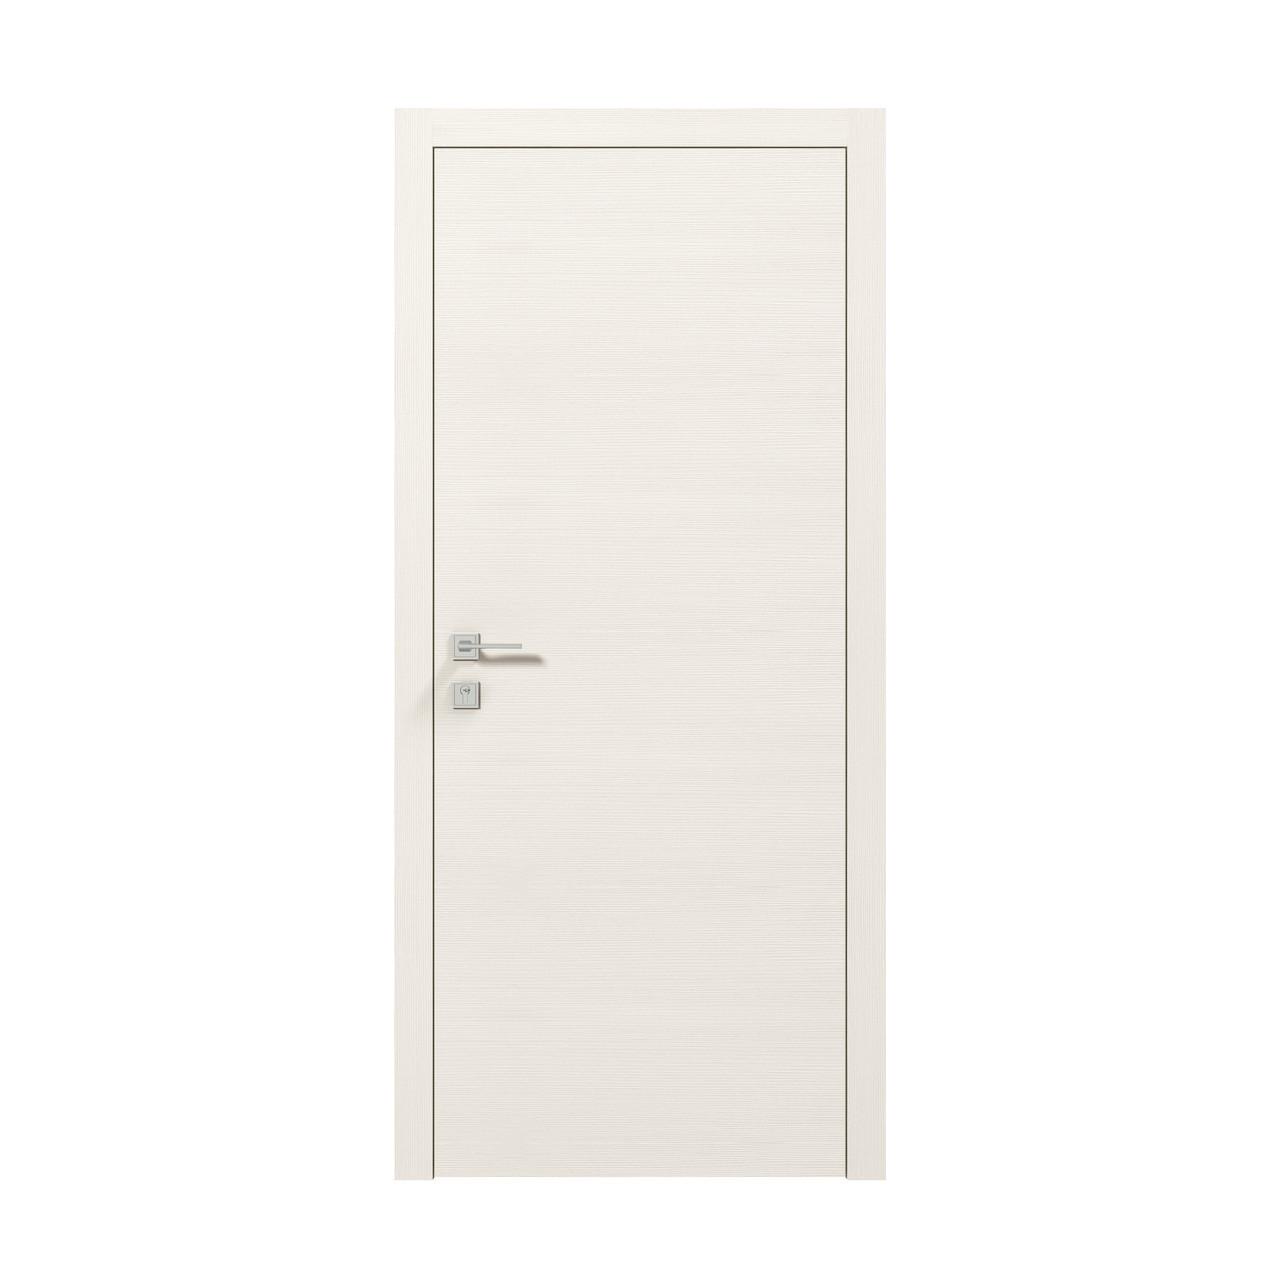 Двери Modern FLAT. Полотно+коробка+1к наличников, срощенный брус сосны, эко-шпон